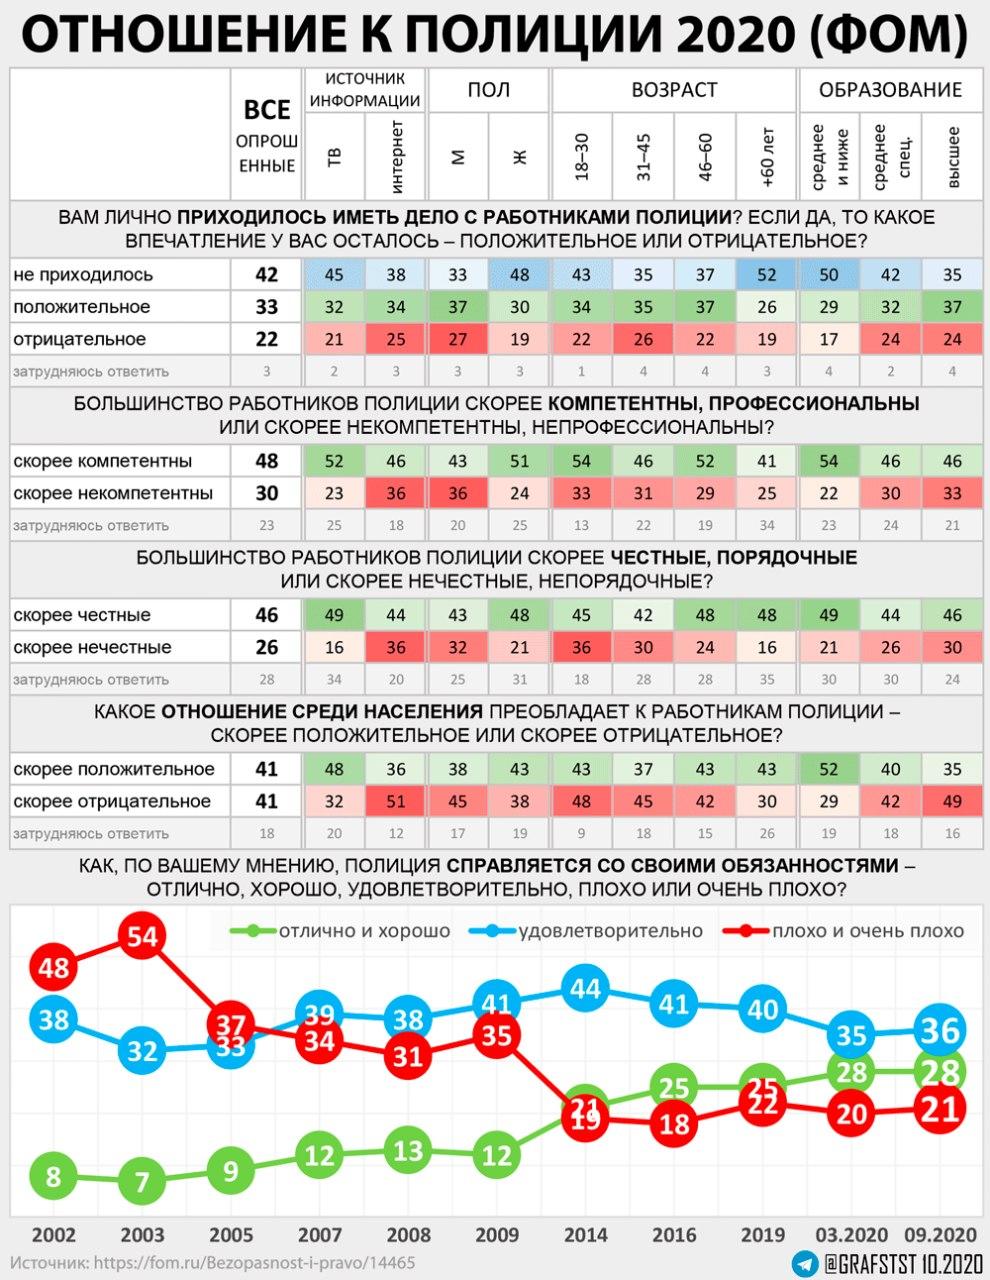 Оценка работы полиции 2020. (ФОМ)